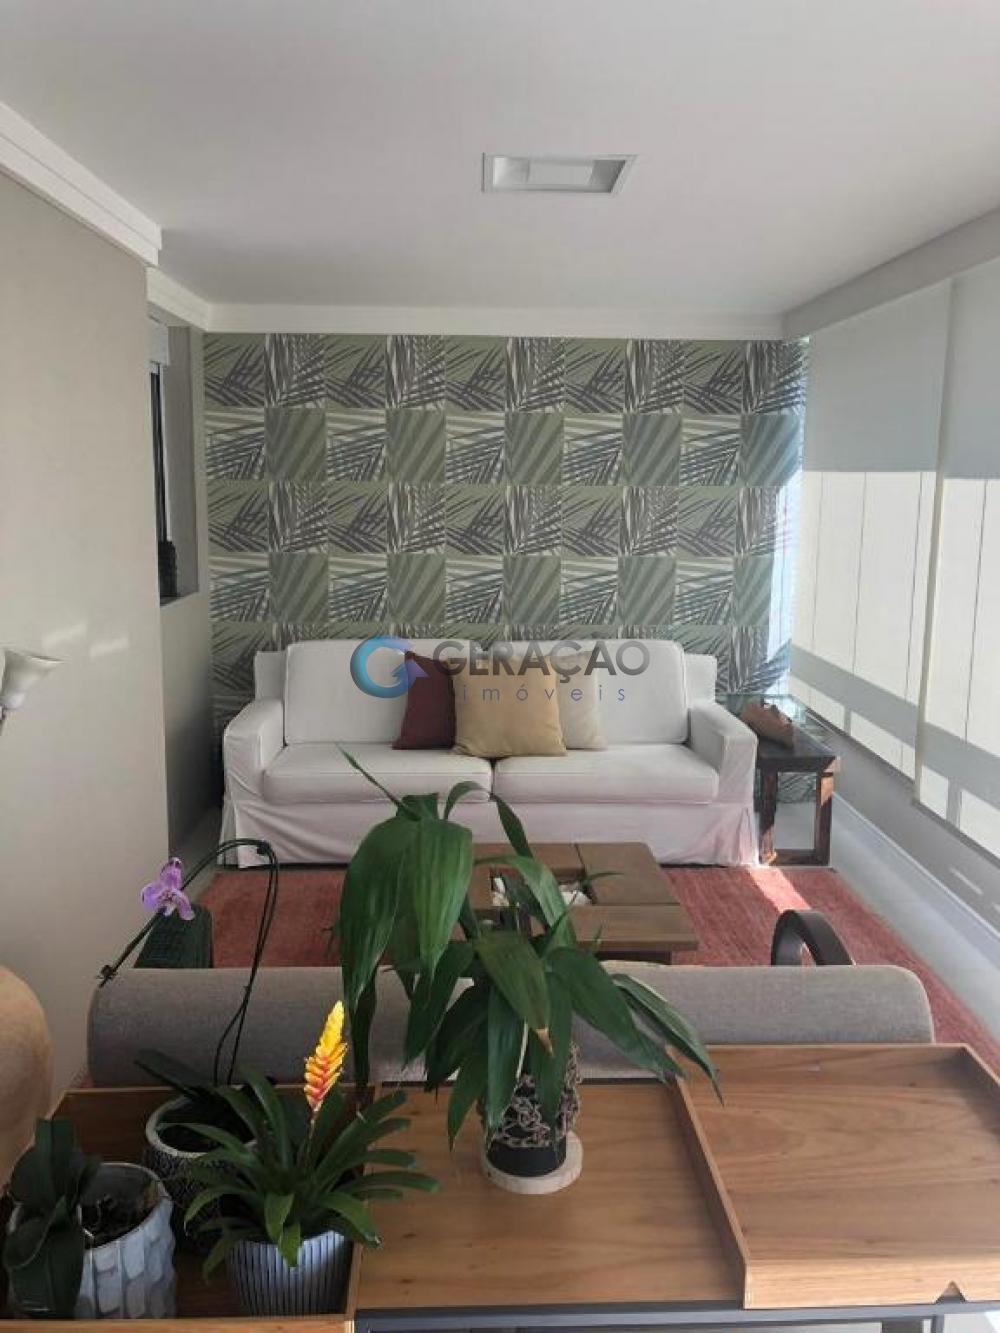 Alugar Apartamento / Padrão em São José dos Campos apenas R$ 4.800,00 - Foto 4